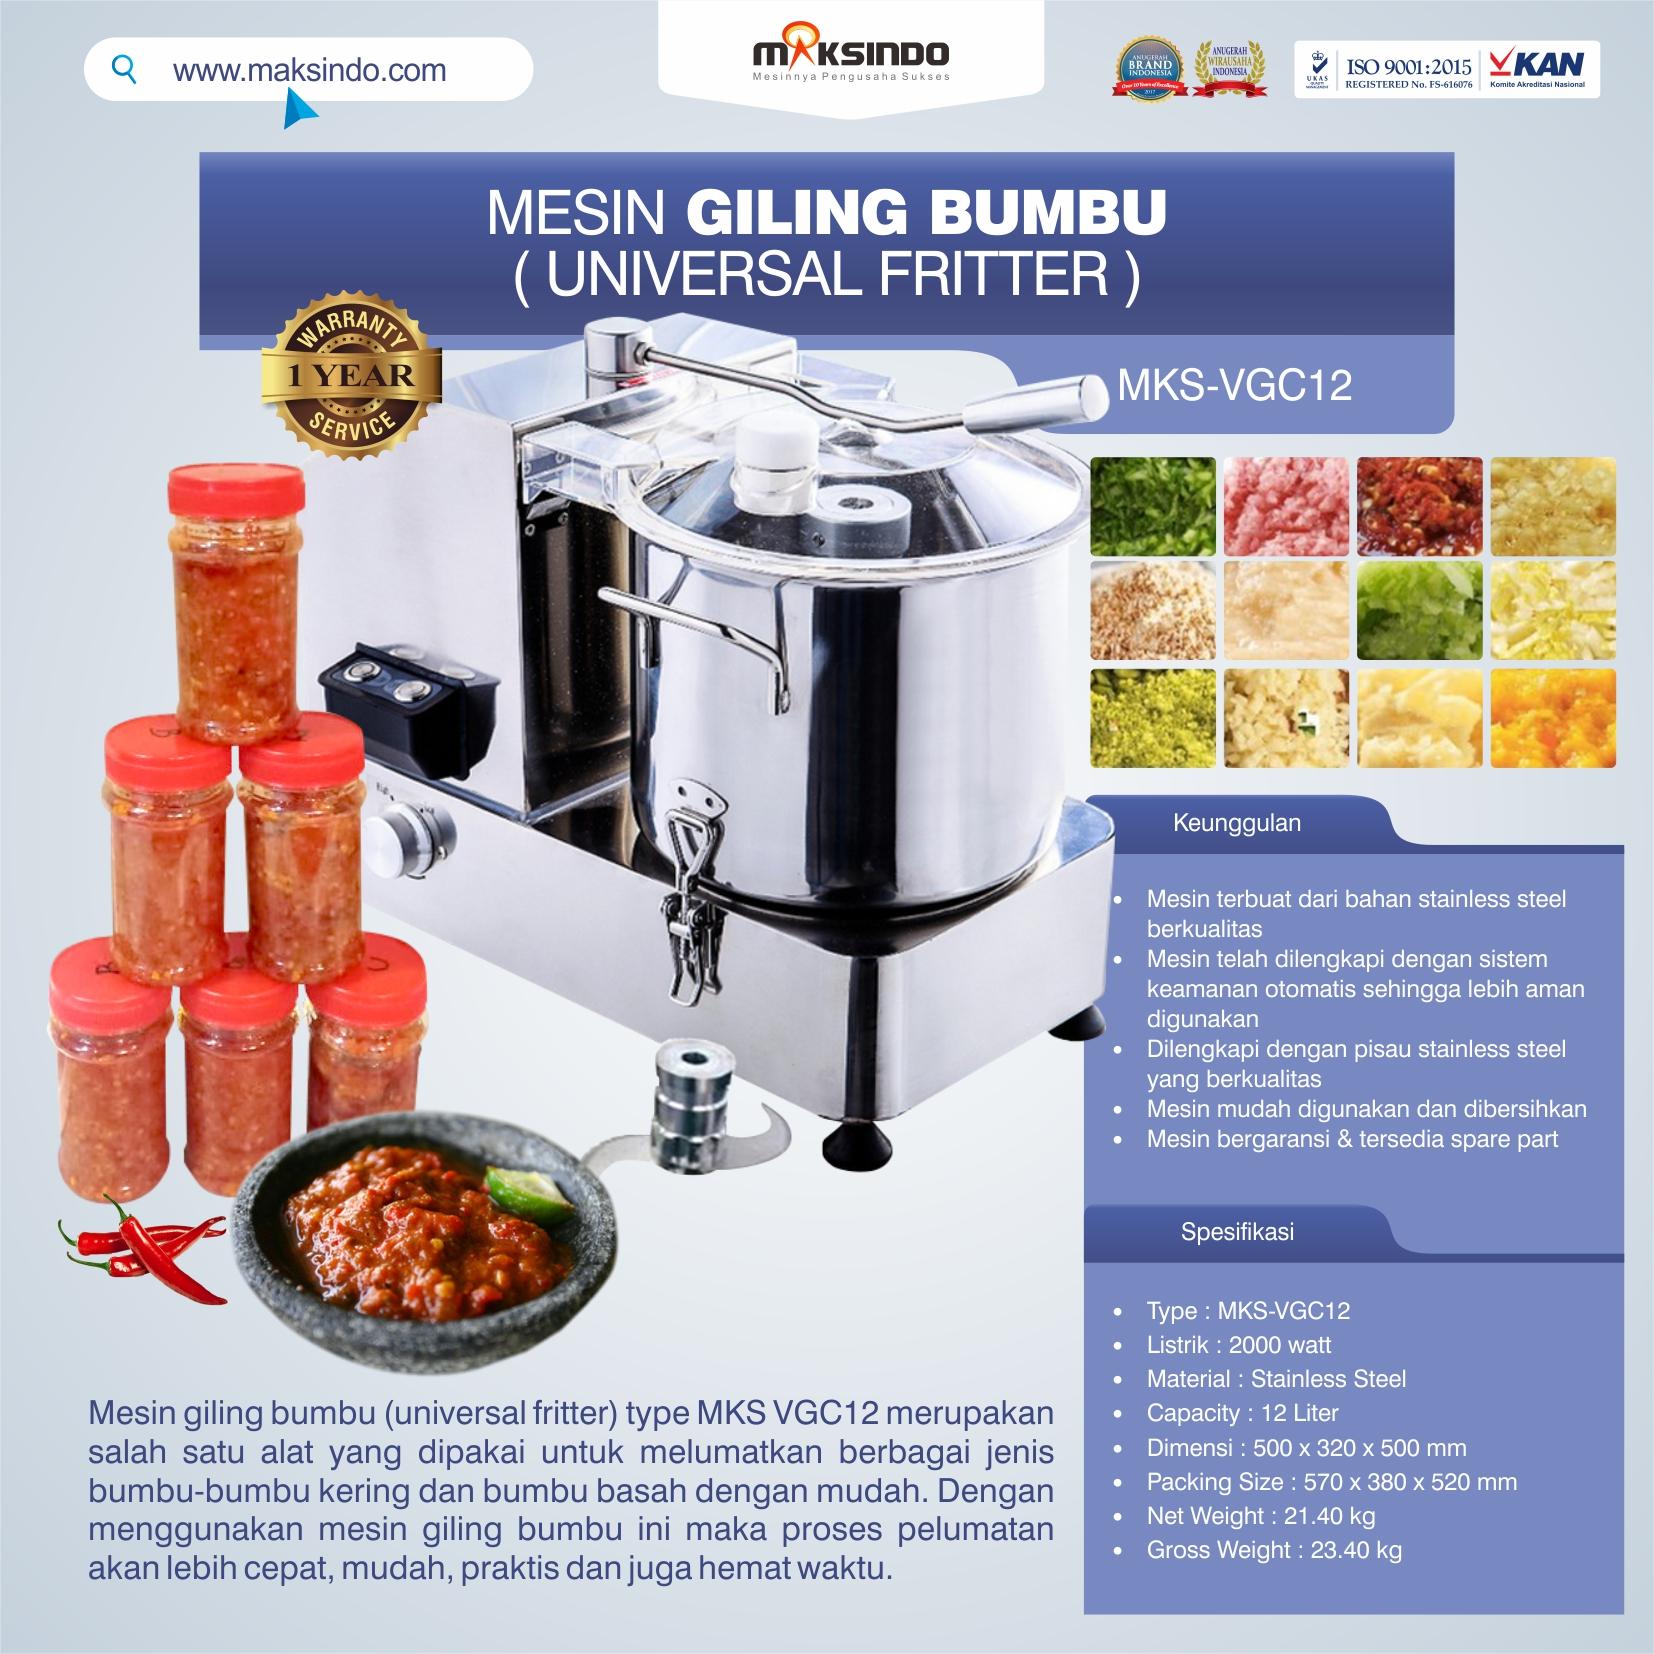 Jual Mesin Giling Bumbu (Universal Fritter) MKS VGC12 di Bogor